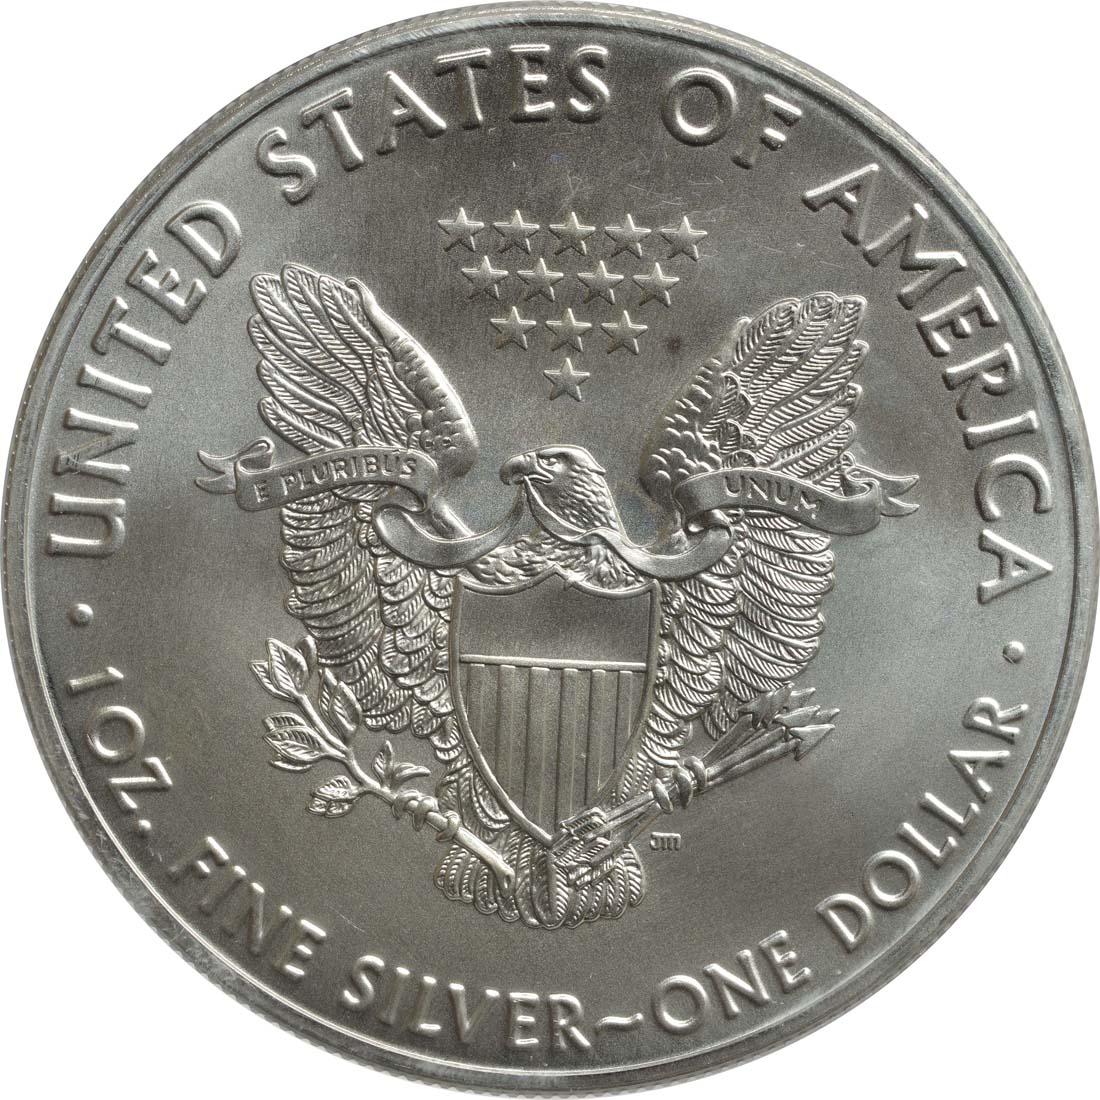 Bild der Rückseite :USA - 1 Dollar Silber Eagle - 60 Jahre NASA - Gemini  2018 Stgl.